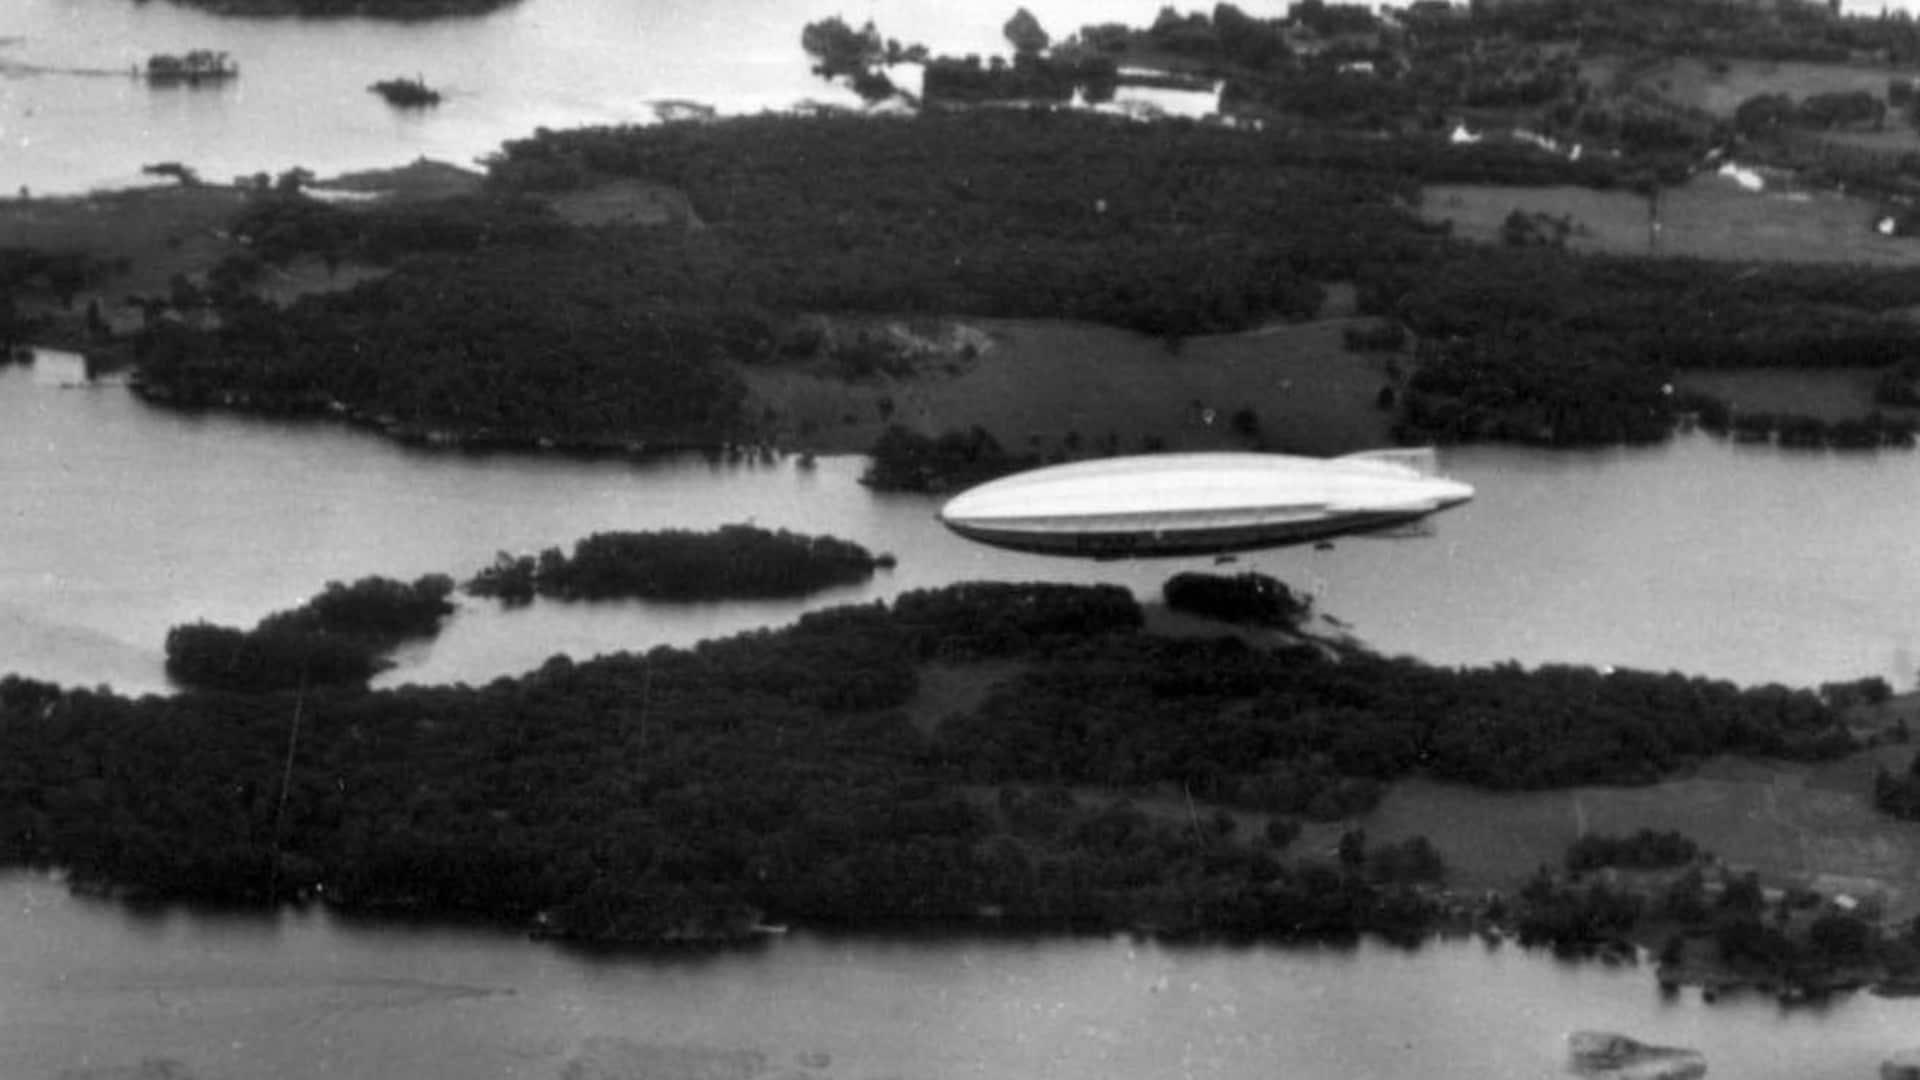 Le dirigeable survole une région d'îles et de lacs à basse altitude. La photo a visiblement été prise d'un avion qui l'accompagnait sur un bout de chemin.